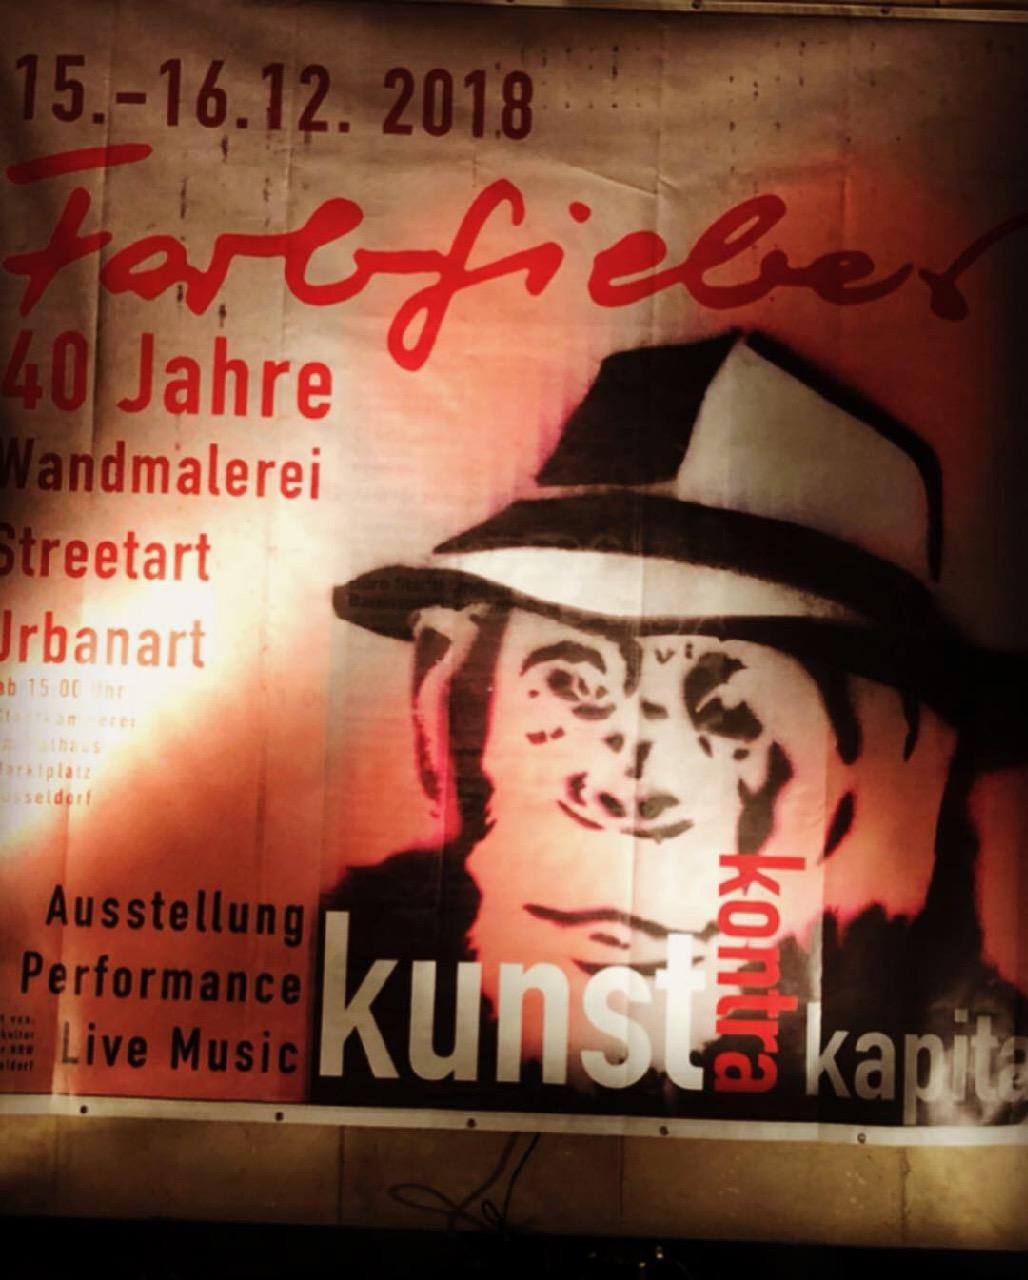 40 Jahre Farbfieber – Kunst im öffentlichen Raum.